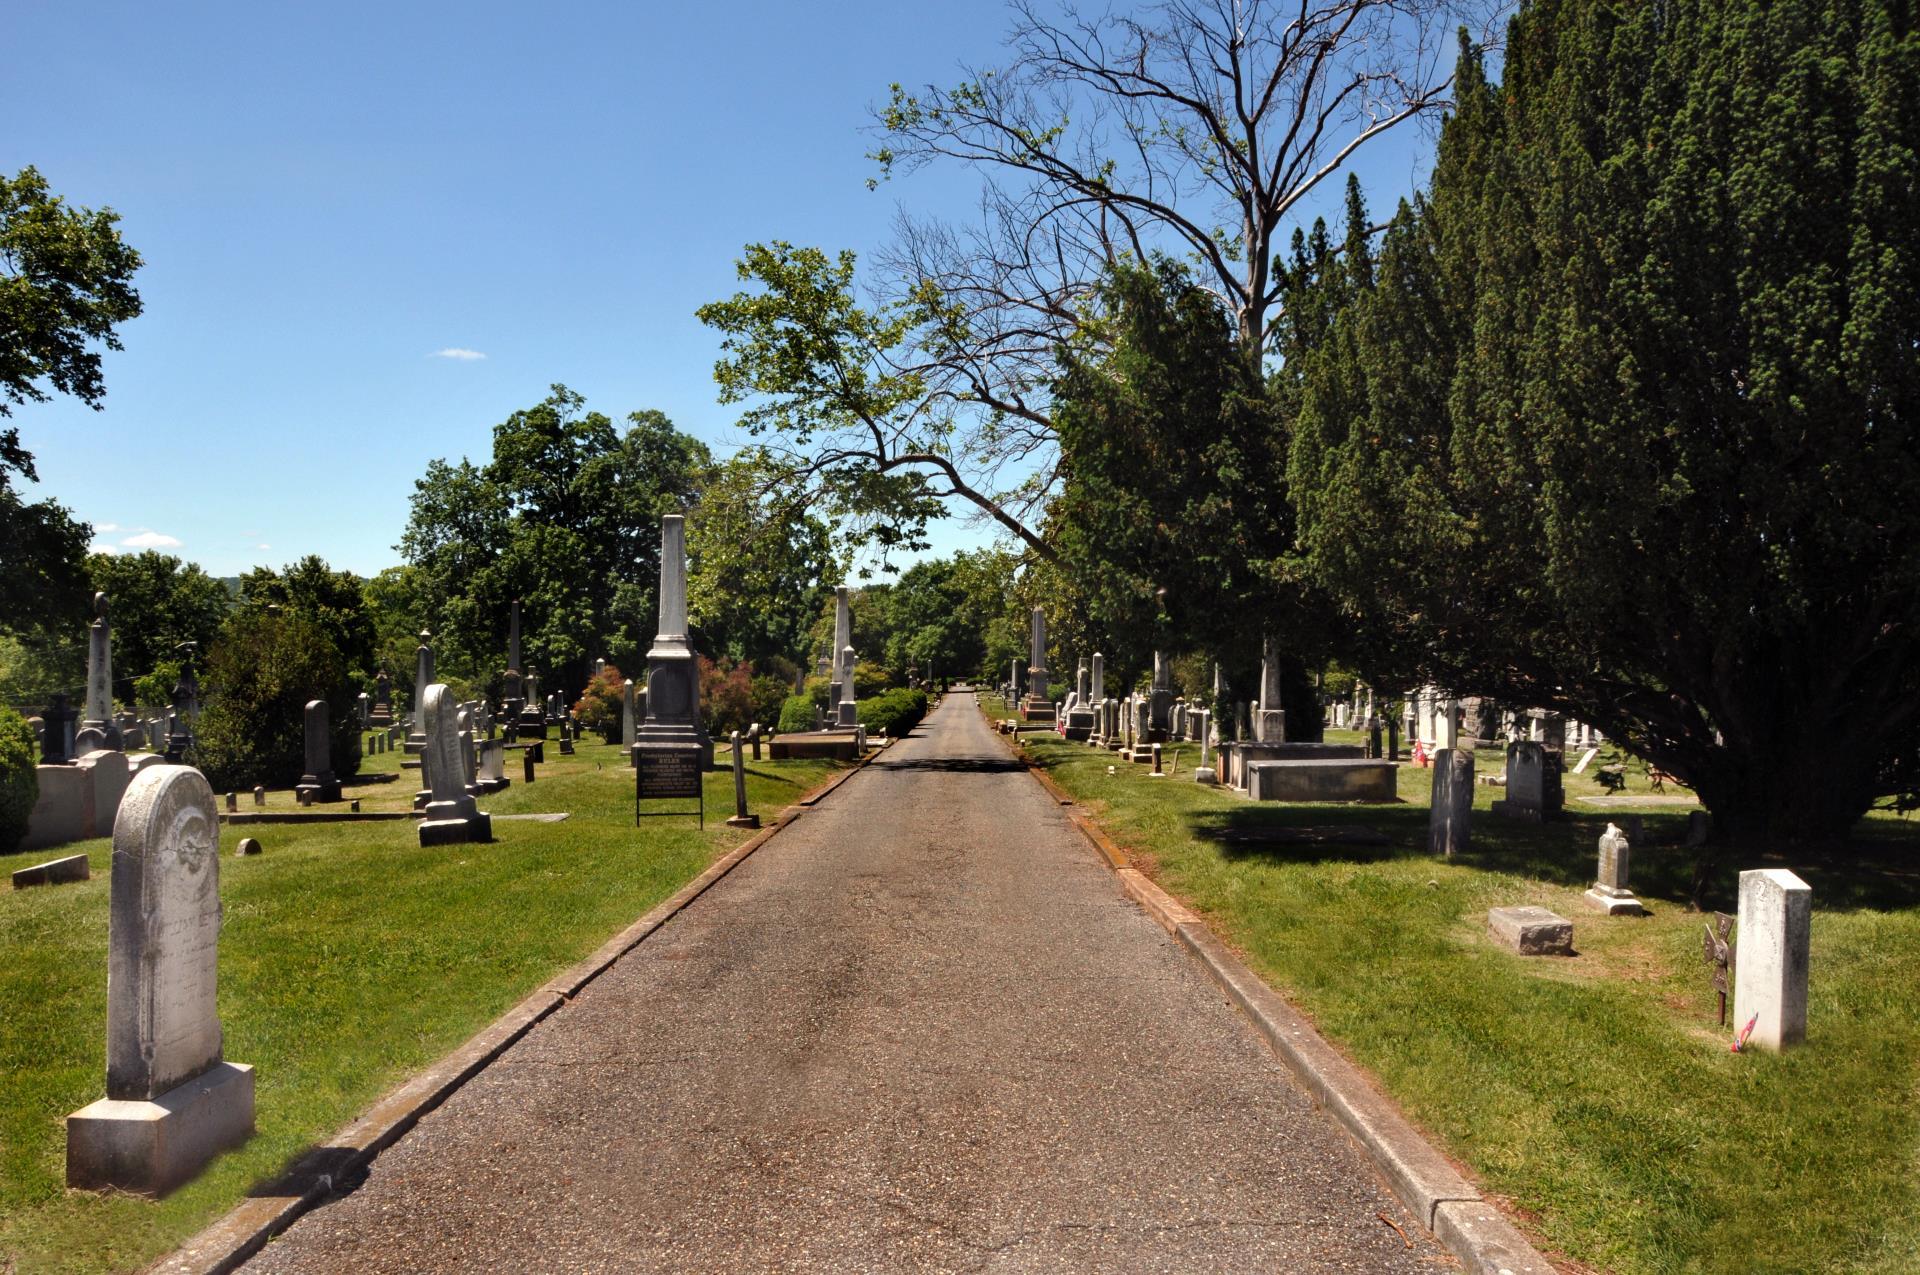 Entrance to Presbyterian Cemetery